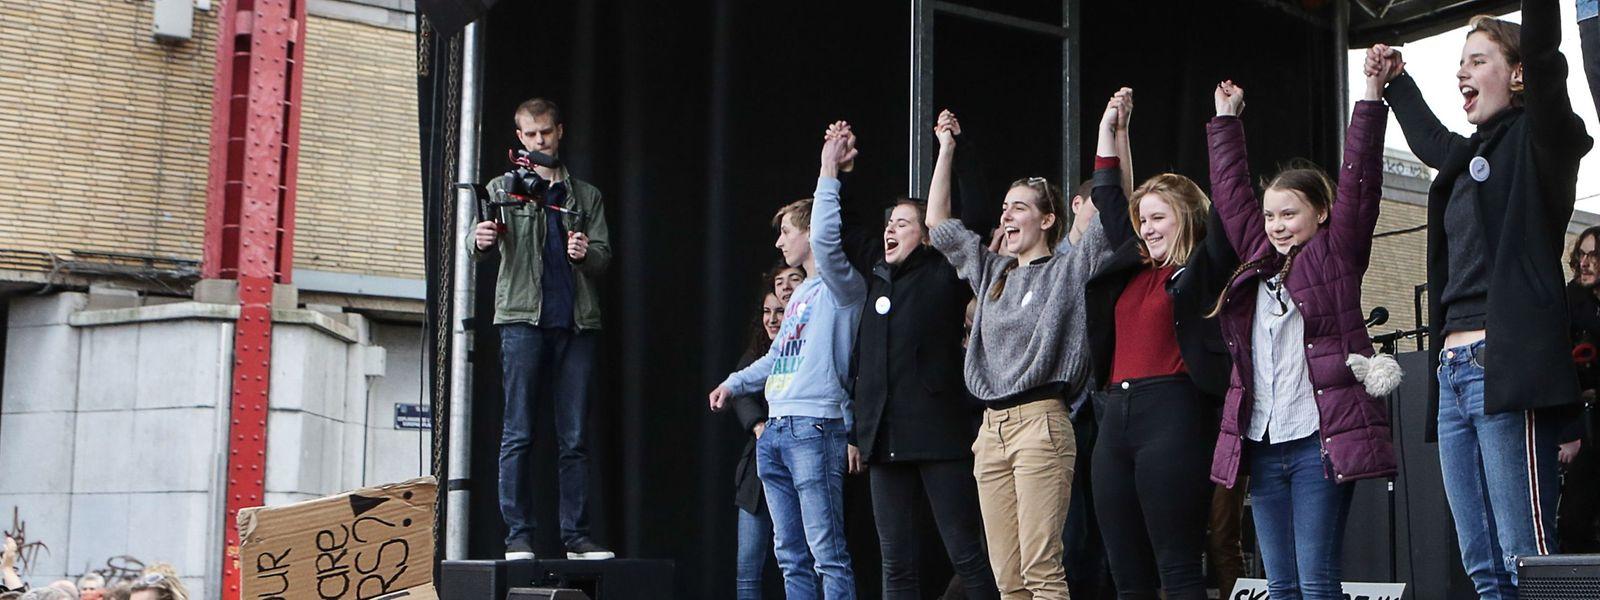 Greta Thunberg (2.v.r.) mit Unterstützern in Brüssel.